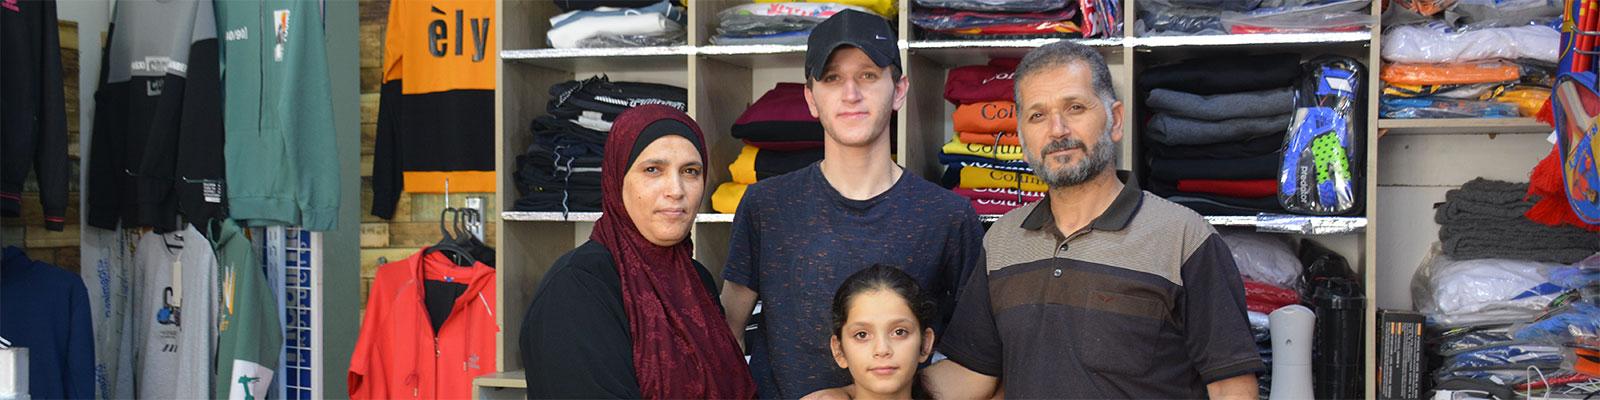 {:en}Strong Families.... Strong Children {:}{:ar}عائلات قويّة...أطفال أقوياء{:}